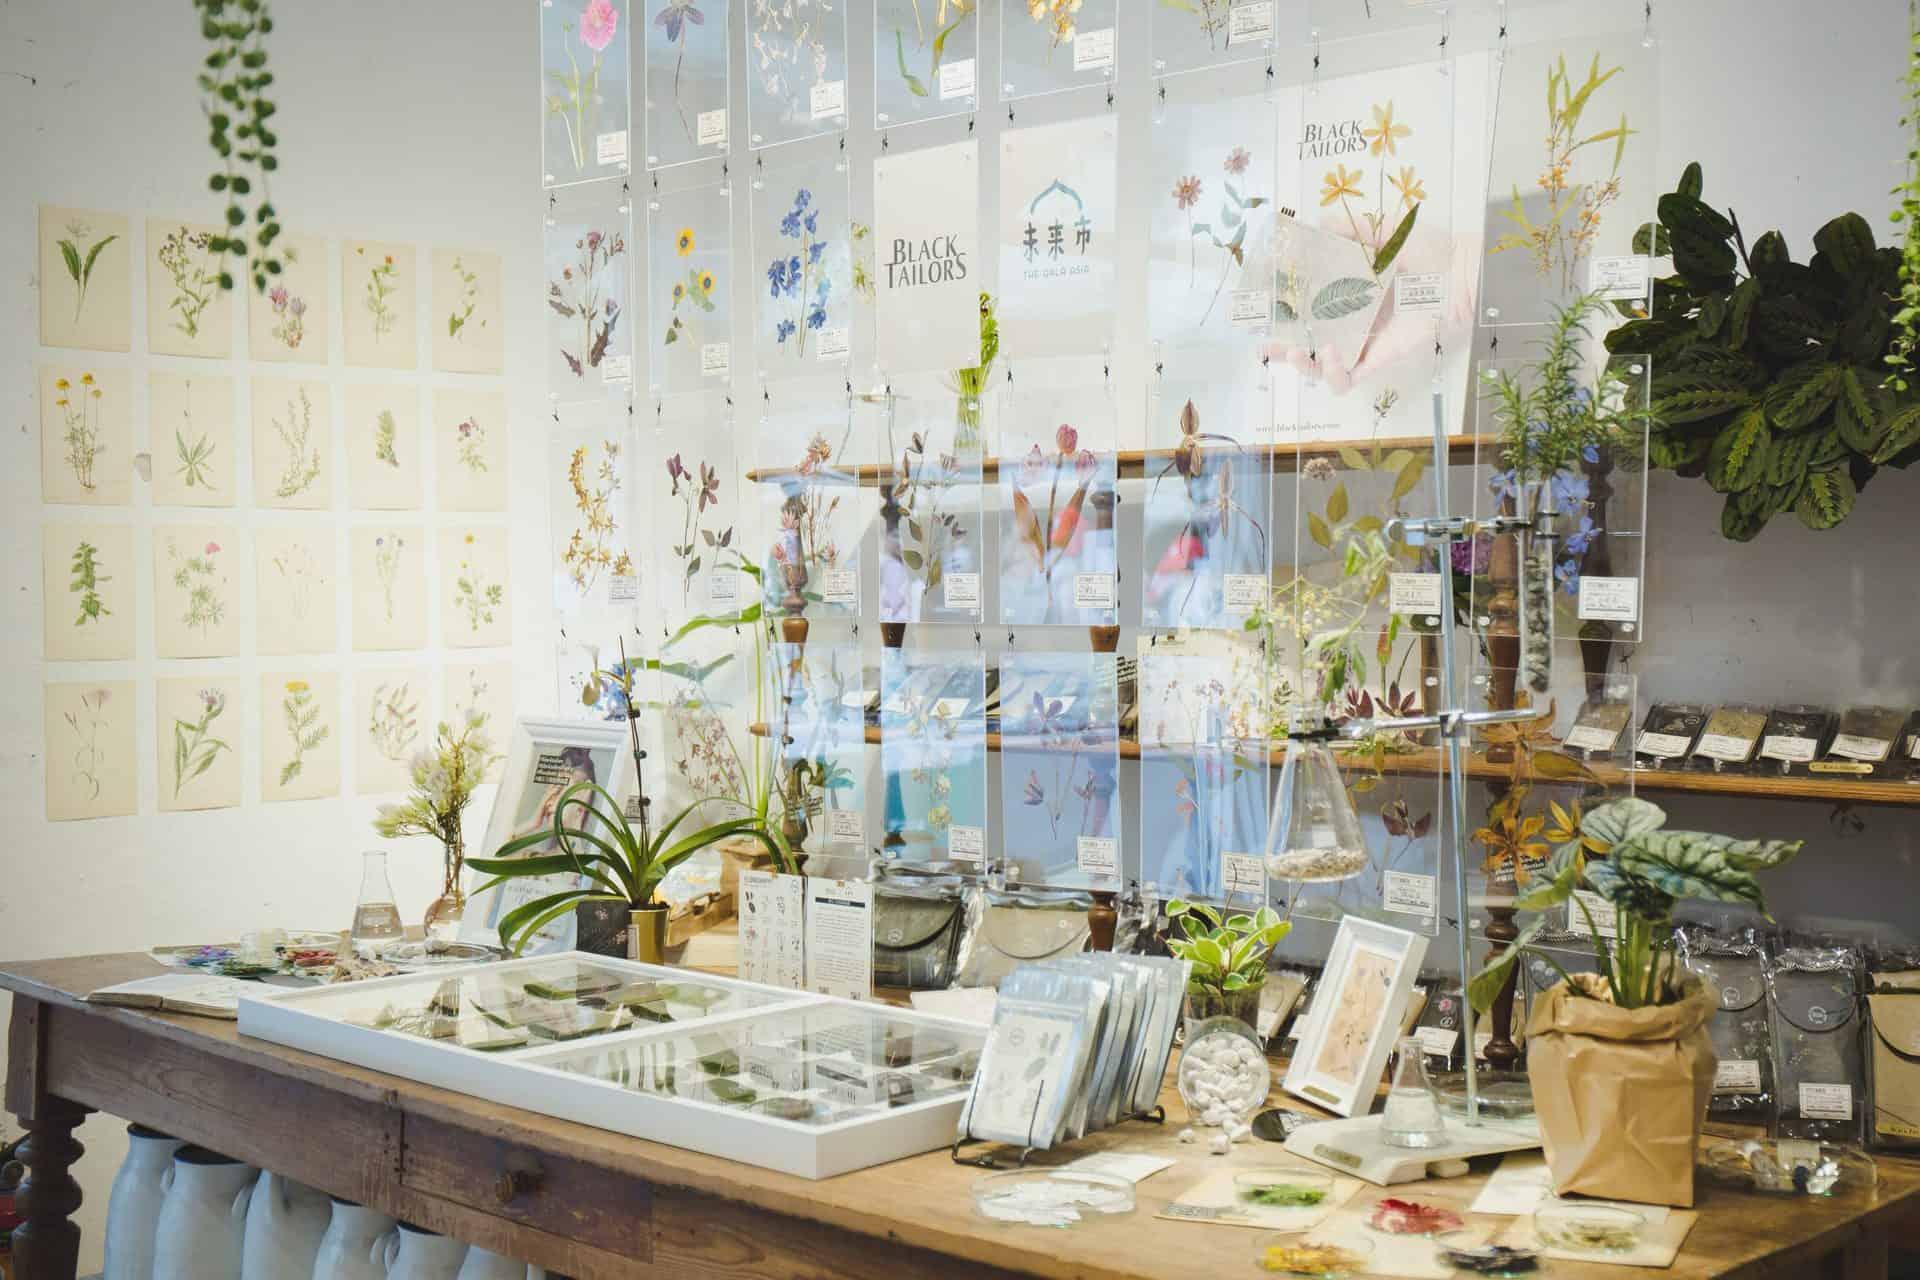 礦石上的植物圖鑑系列-花草_未來市Pop-Up-Shop_圖片提供/BLACK TAILORS 小黑尾巴